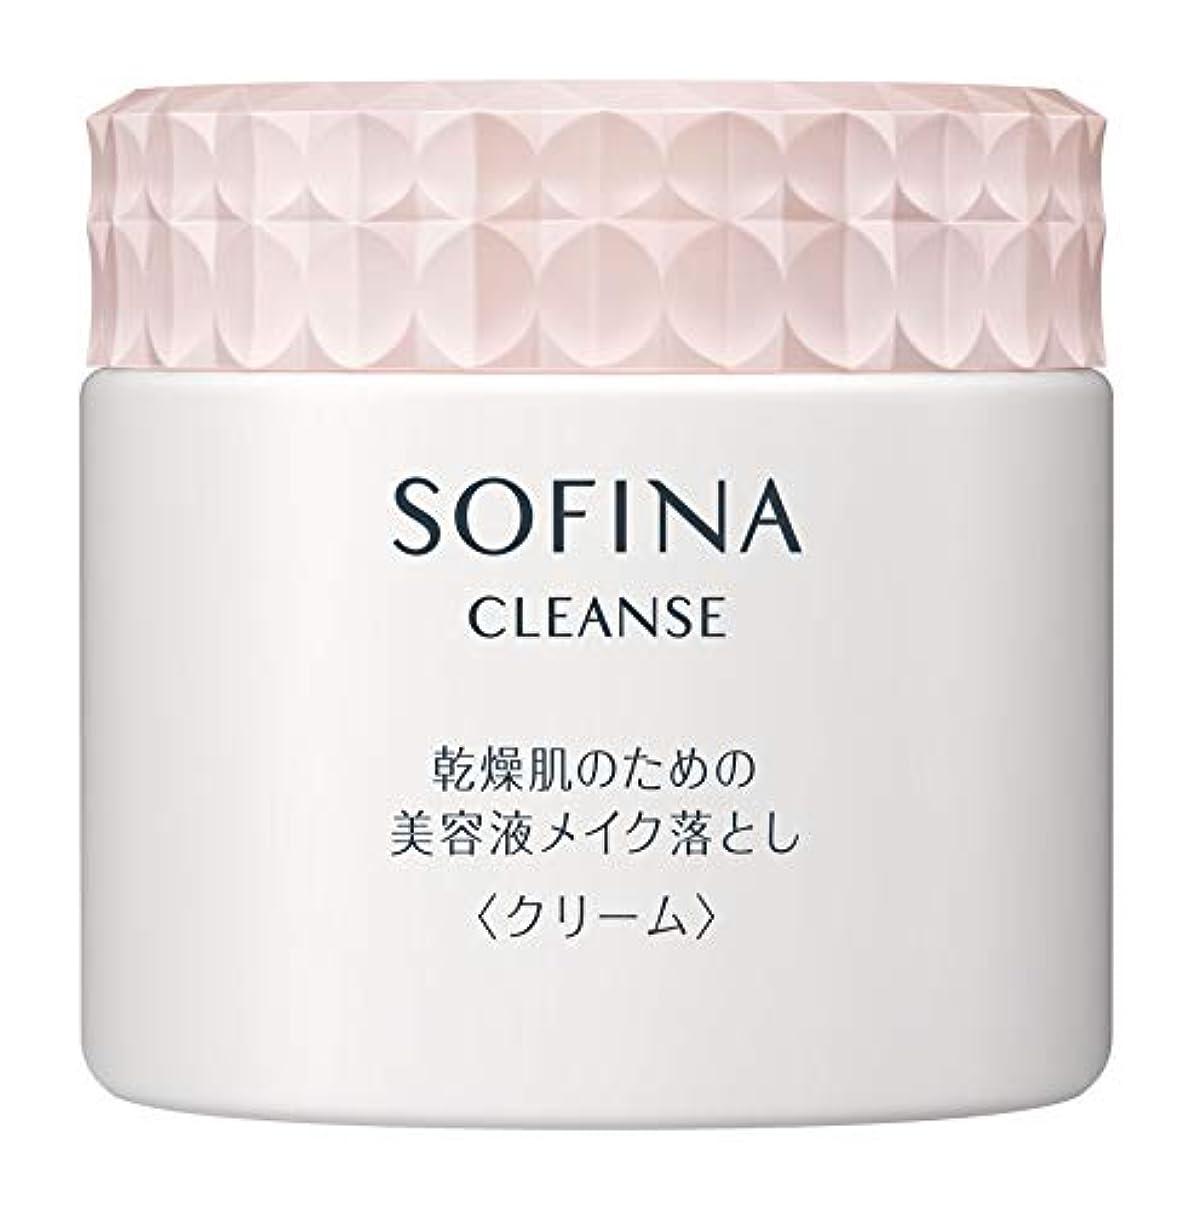 恐ろしいです里親消費者ソフィーナ 乾燥肌のための美容液メイク落とし クリーム 200g